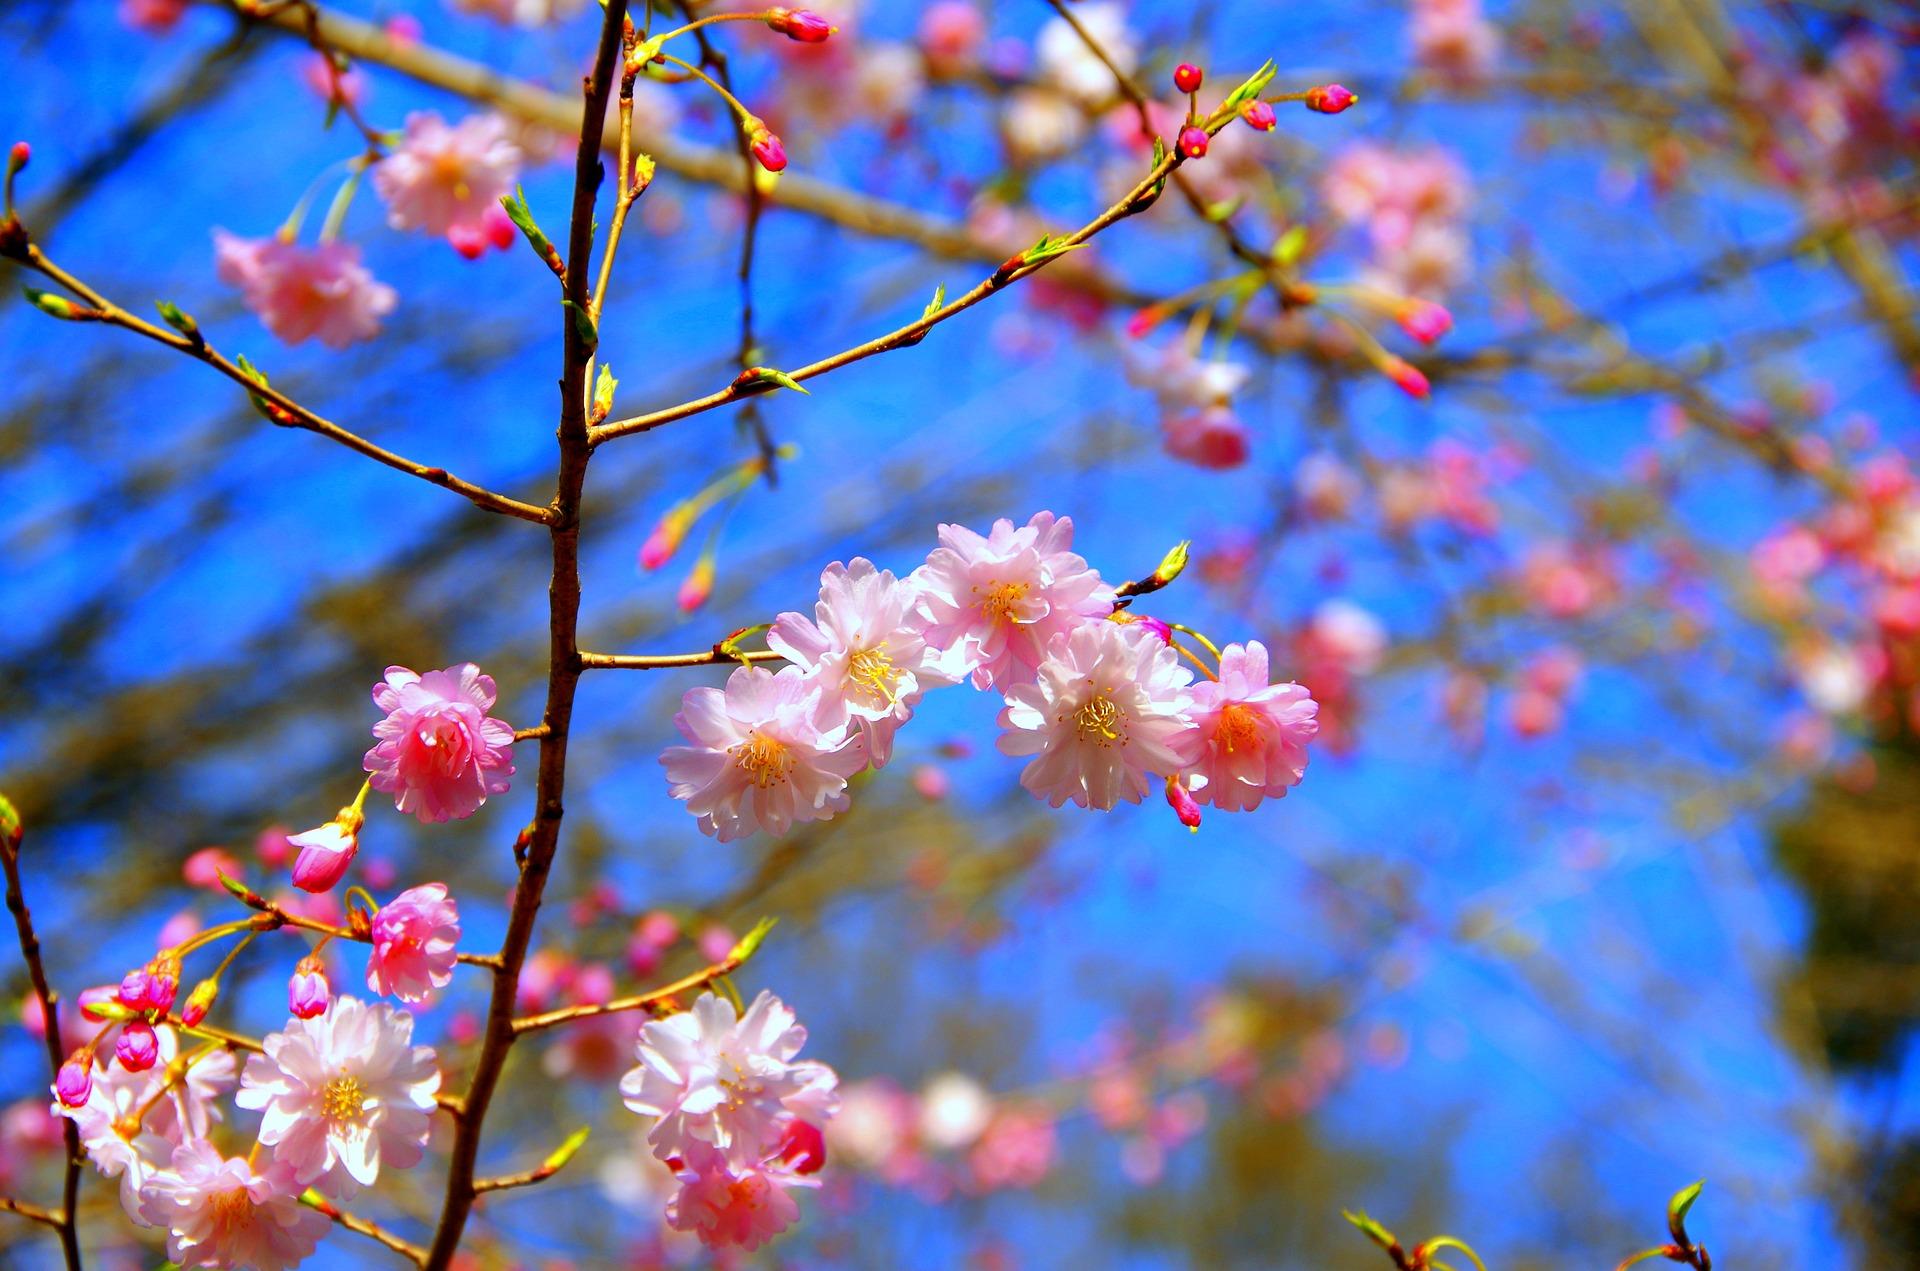 Fioritura dei ciliegi in Italia: dove vederla